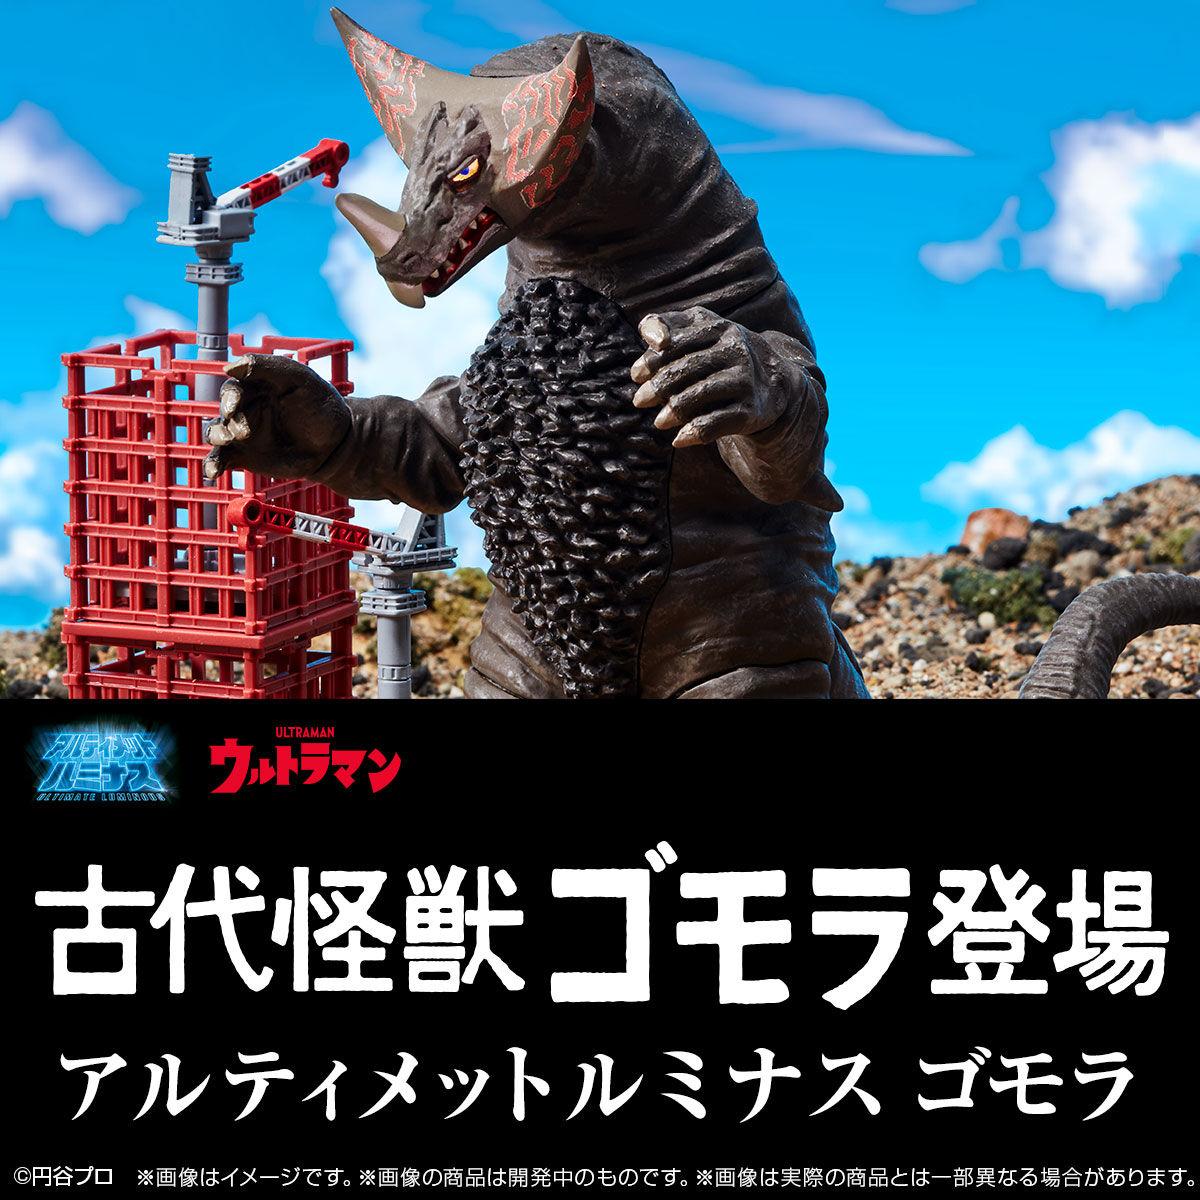 【限定販売】アルティメットルミナス『ゴモラ』完成品フィギュア-001